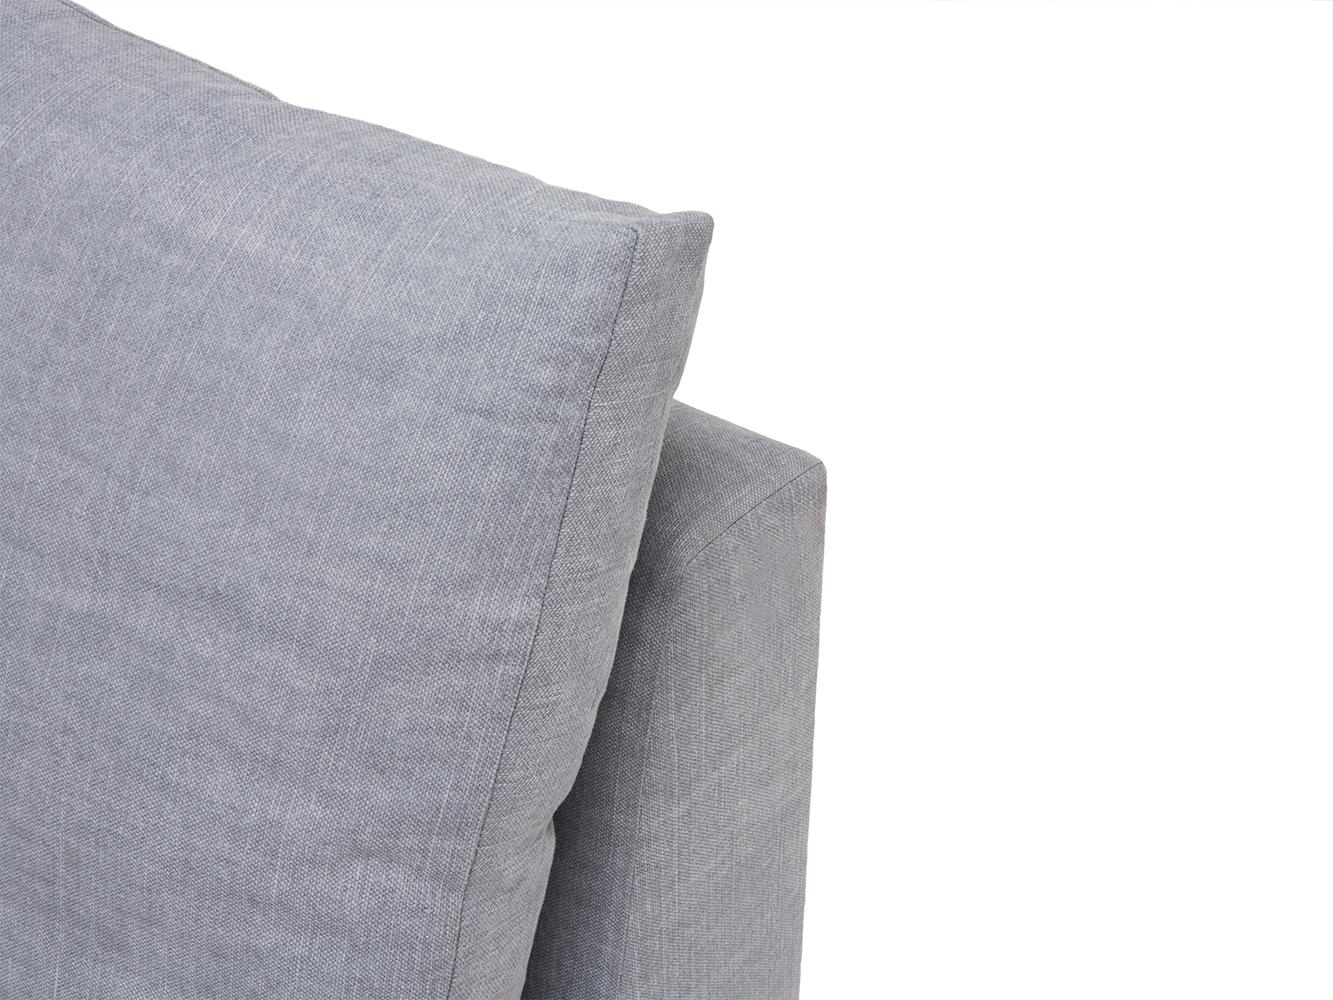 Cuddlemuffin Corner Sofa | L-shaped Modular Sofa | Loaf